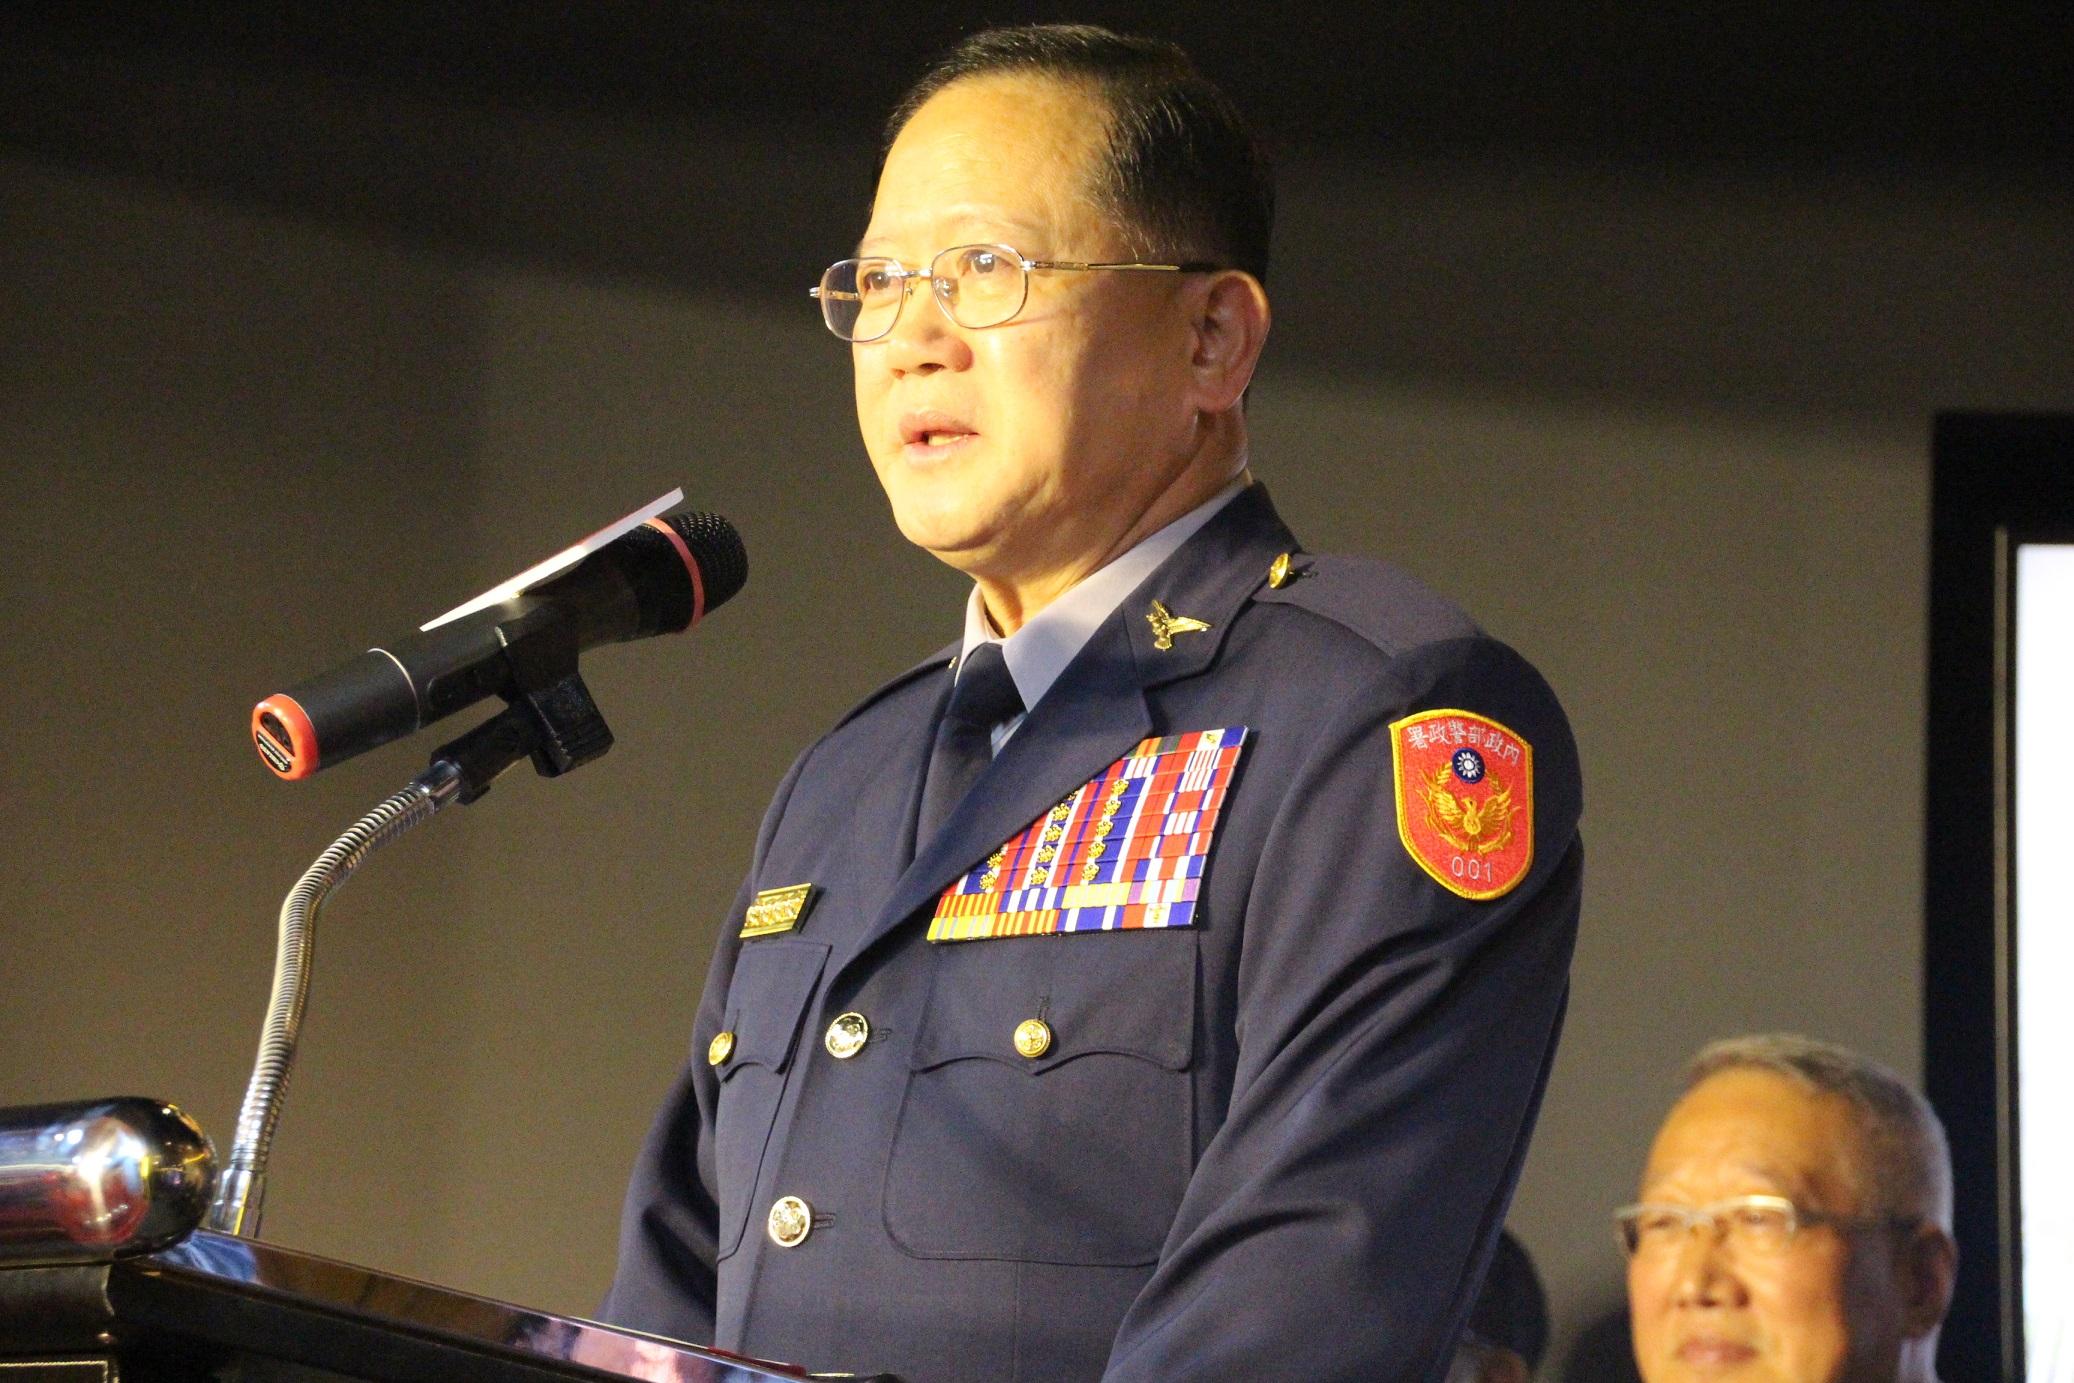 (資料照片:圖為警政署長陳國恩2015年11月出席警察史蹟館的演講畫面)